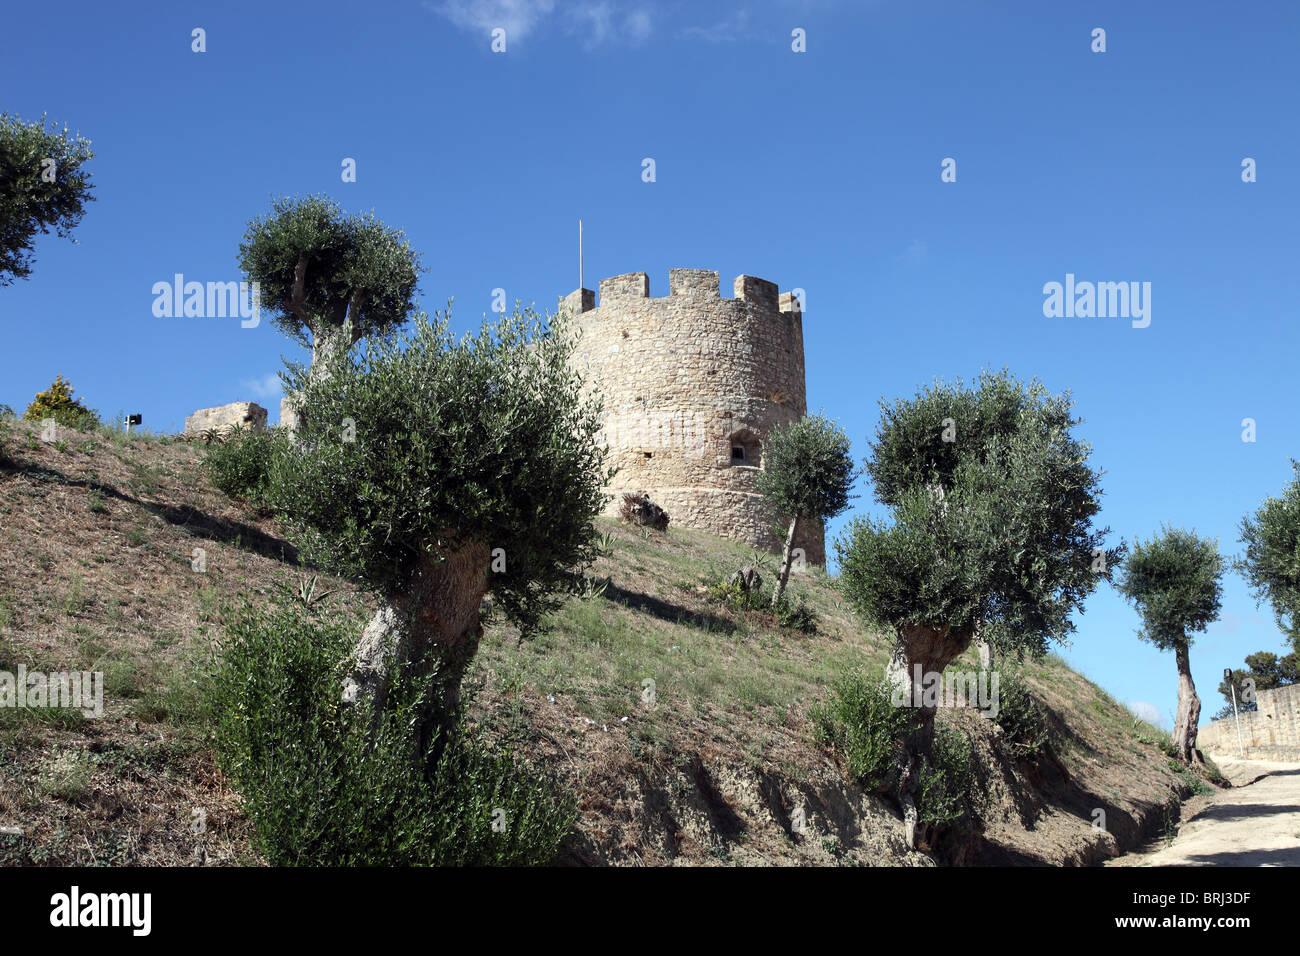 Torres Vedras Castle, Portugal - Stock Image